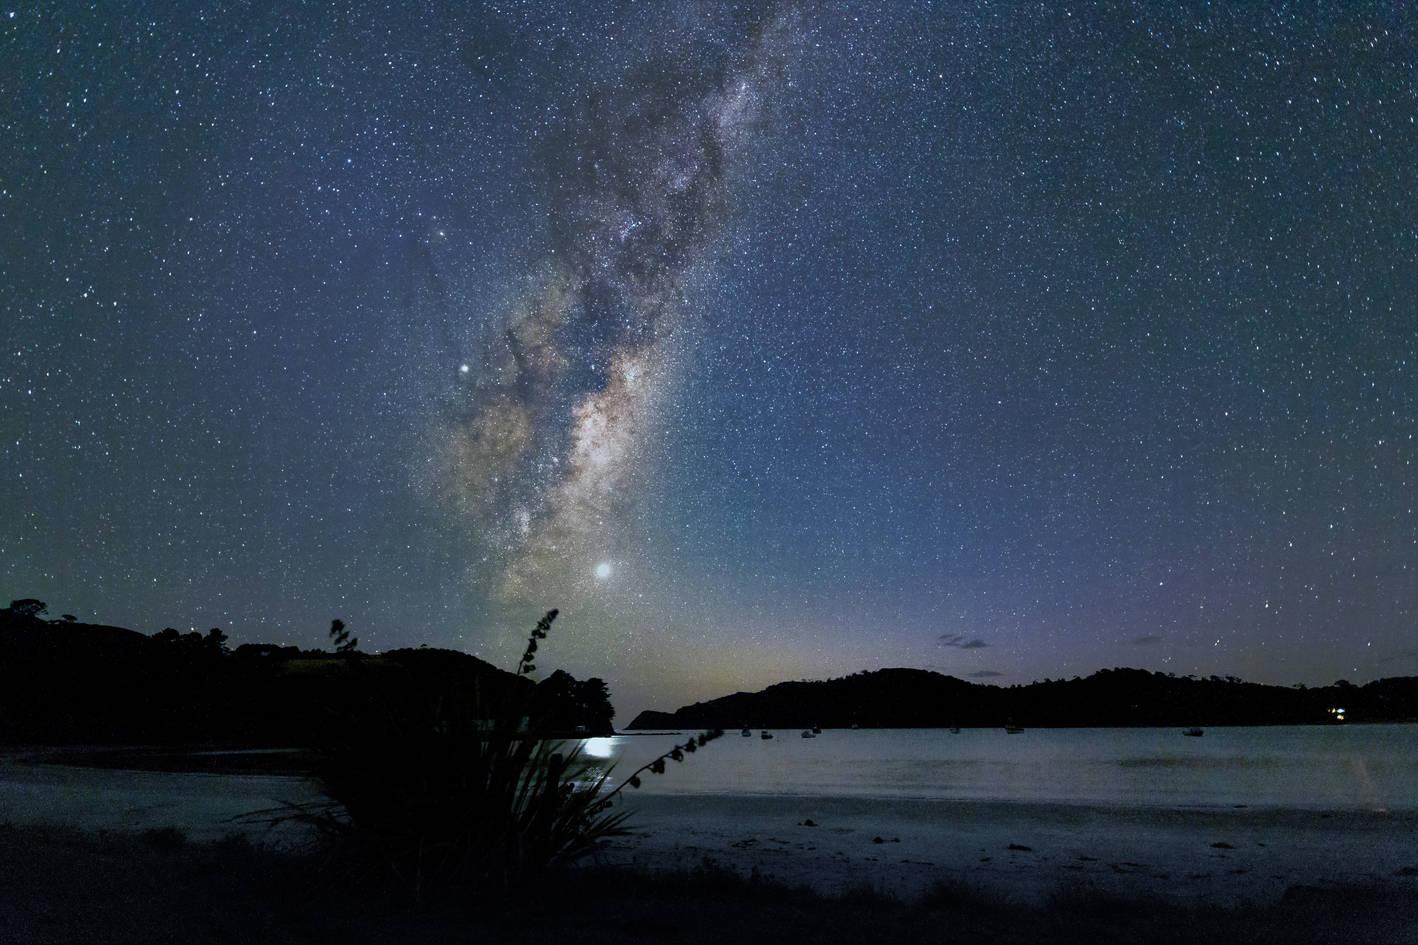 Milky Way_Les (2).jpg